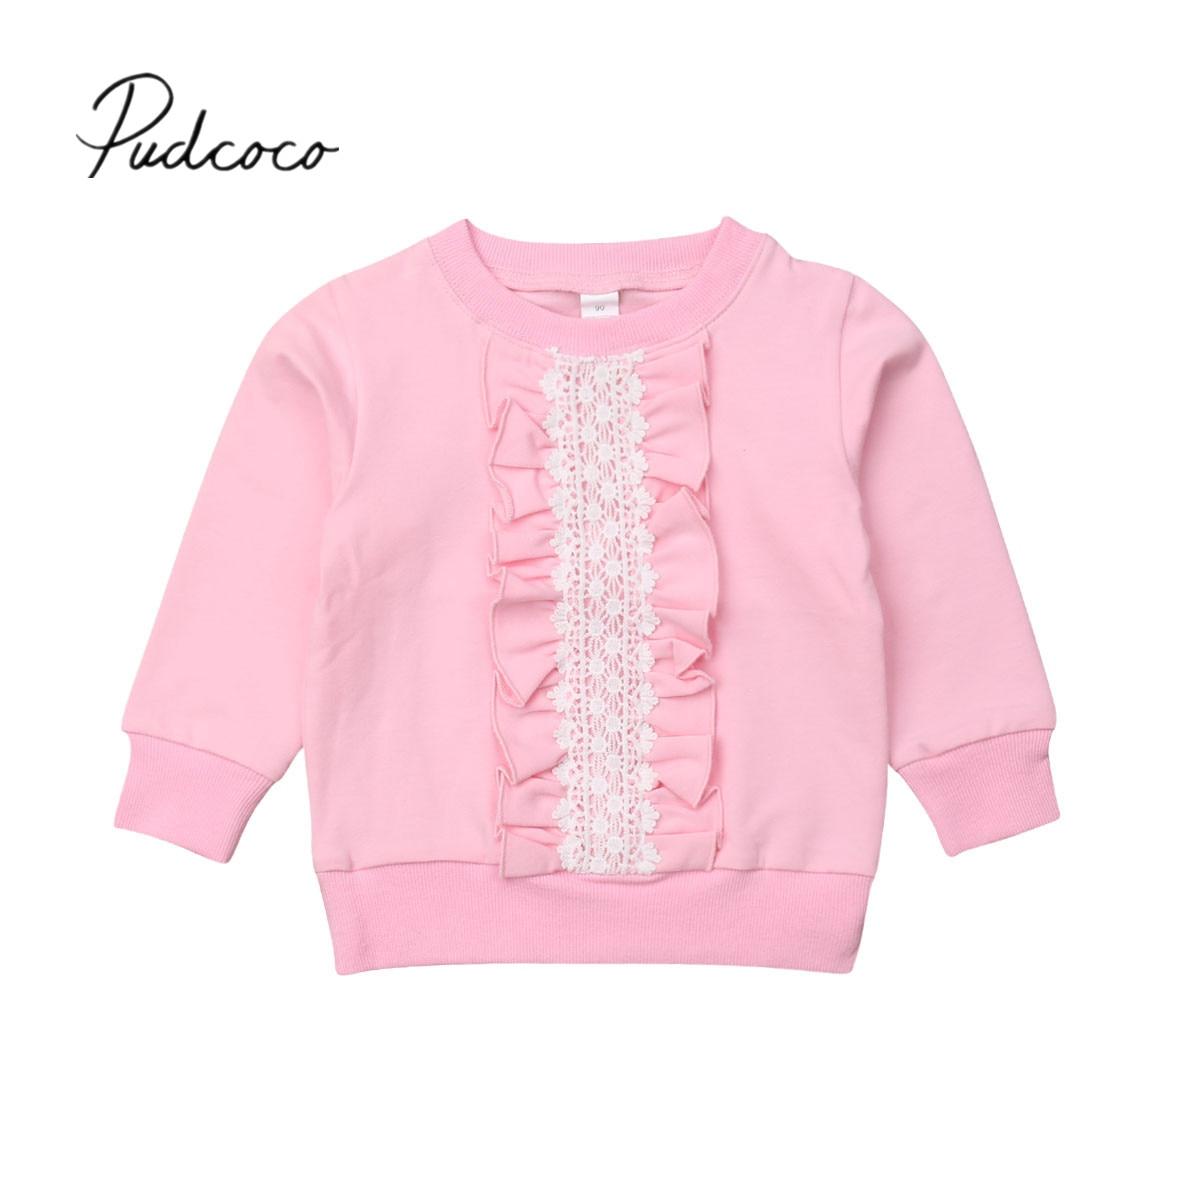 2019 Marke Neue 2-8y Kleinkind Kinder Baby Mädchen Sweatshirt Tops Spitze Rüschen Rosa Langarm Pullover Tops Herbst Frühling Kleidung